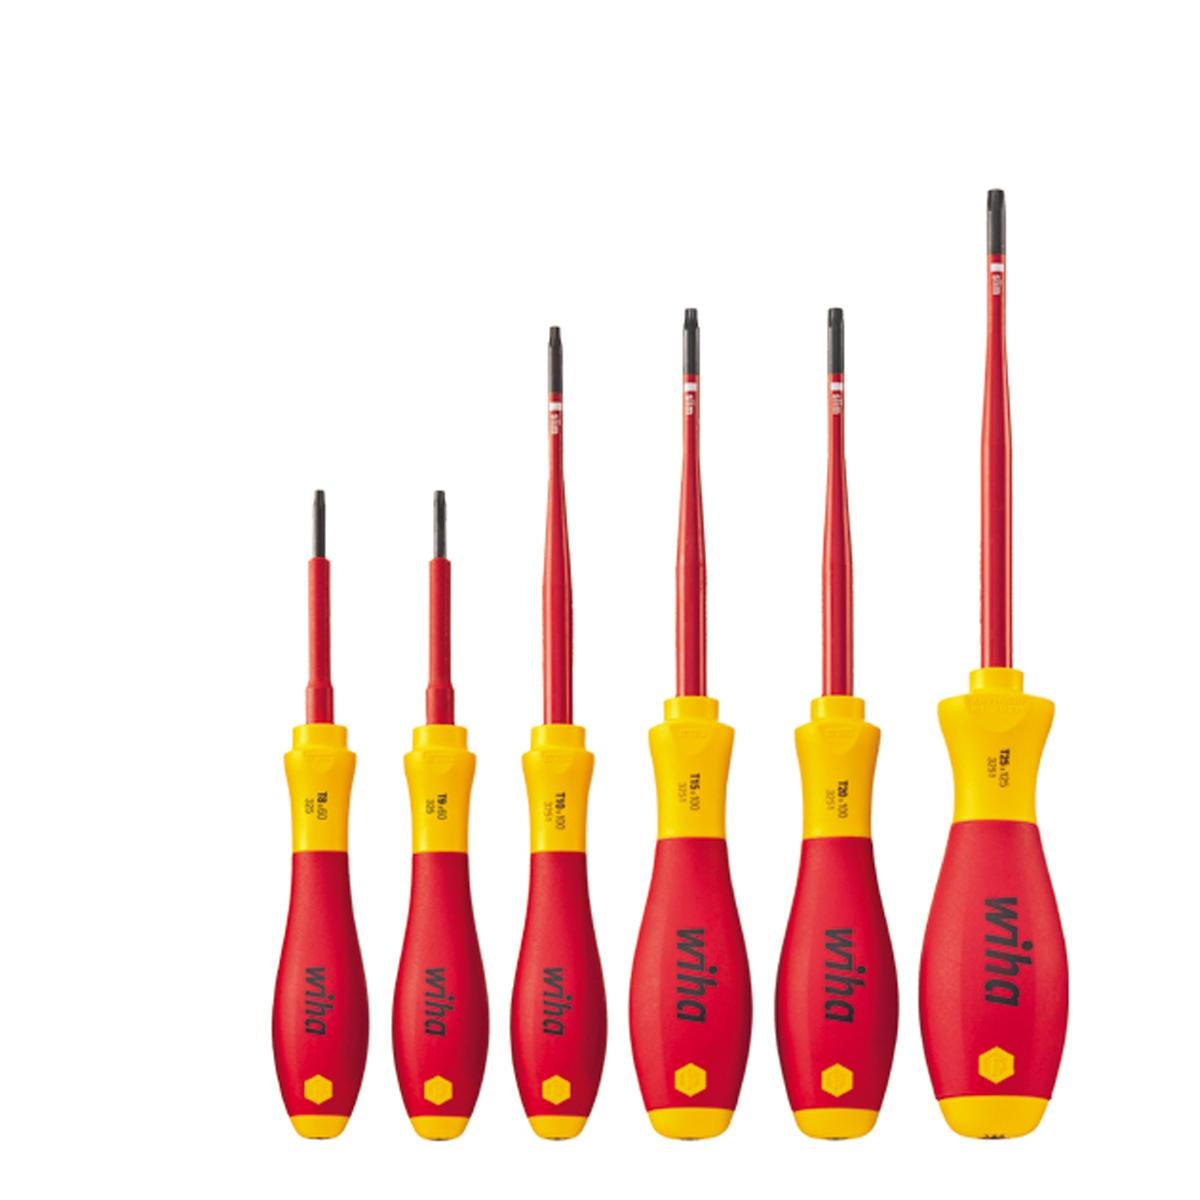 Набор отверток SoftFinish electric 3251SF K6 slimFix 6 ед Wiha 3655898298130Модель Wiha SoftFinish electric - это профессиональная отвертка. Предназначена для работ с находящимися под напряжением деталями до 1000 В переменного тока. - Ощущаемая эргономика. Уникальный дизайн этого профессионального инструмента с четырьмя размерами рукоятки, ориентированными на конкретный случай применения, идеальным образом комбинирует функции Быстрое кручение: динамика и Максимальная передача крутящего момента: мощность.- Зона SoftFinish. Мягкая, поддерживающая крутящий момент зона покрытия для сухой среды. - Закрепление жала. Надежное соединение жала и рукоятки без прокручивания. - Изоляция VDE, slim Technology. Максимальная безопасность и легкий доступ к расположенным глубоко винтам благодаря интегрированной изоляции (уменьшение диаметра жала на 33%), полностью закаленное жало. - Водяная ванна. Поштучное испытание в соответствии с IEC 60900:2004 в водяной ванне при 10.000 В для испытанного, безопасного применения при 1.000 В переменного тока или 1.500 В постоянного тока. Материал: ударопрочная экологически чистая пластмасса, термопластичный эластомер, хром-ванадий молибденовая сталь. Размер: T8 x 60 мм; T9 x 60 мм; T10 x 100 мм; T15 x 100 мм; T20 x 100 мм; T25 x 125 мм.